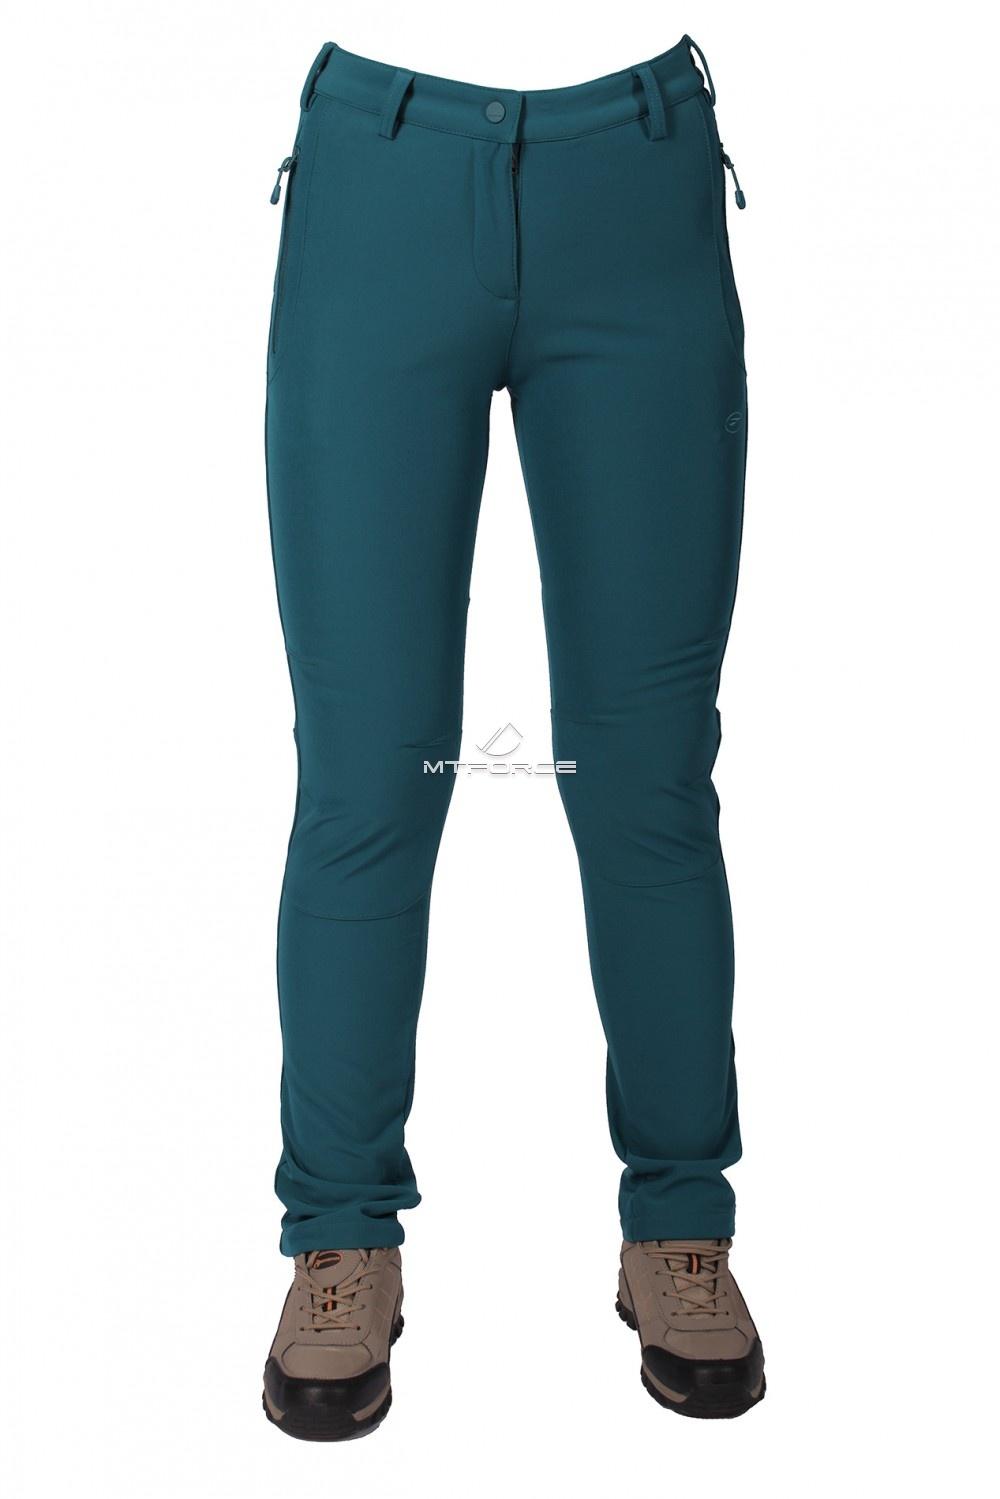 Купить  оптом Брюки виндстопер женские зеленого цвета  3820Z